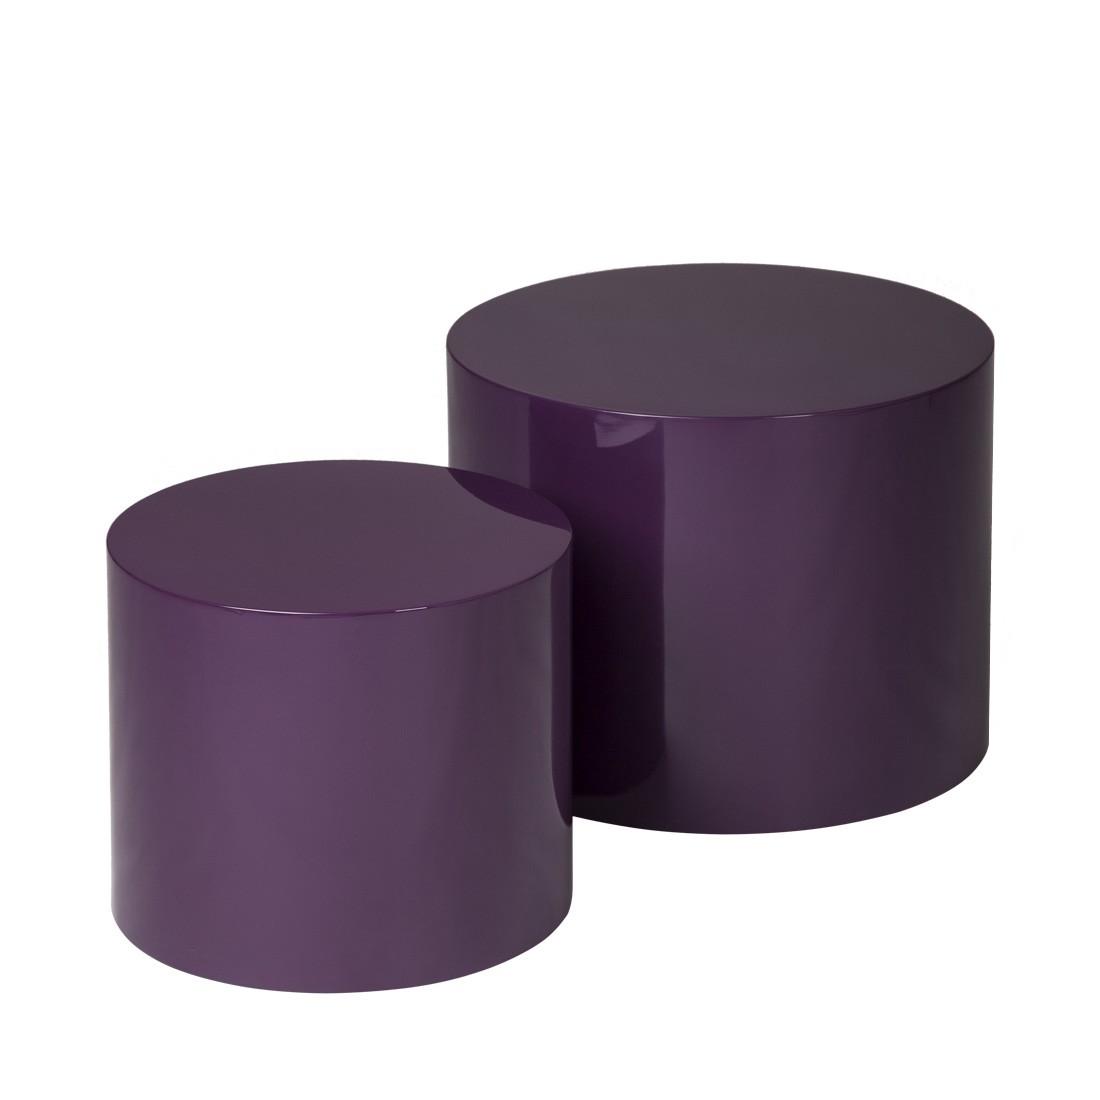 Beistelltisch-Set Circle – Purple Hochglanz, Studio Monroe jetzt bestellen